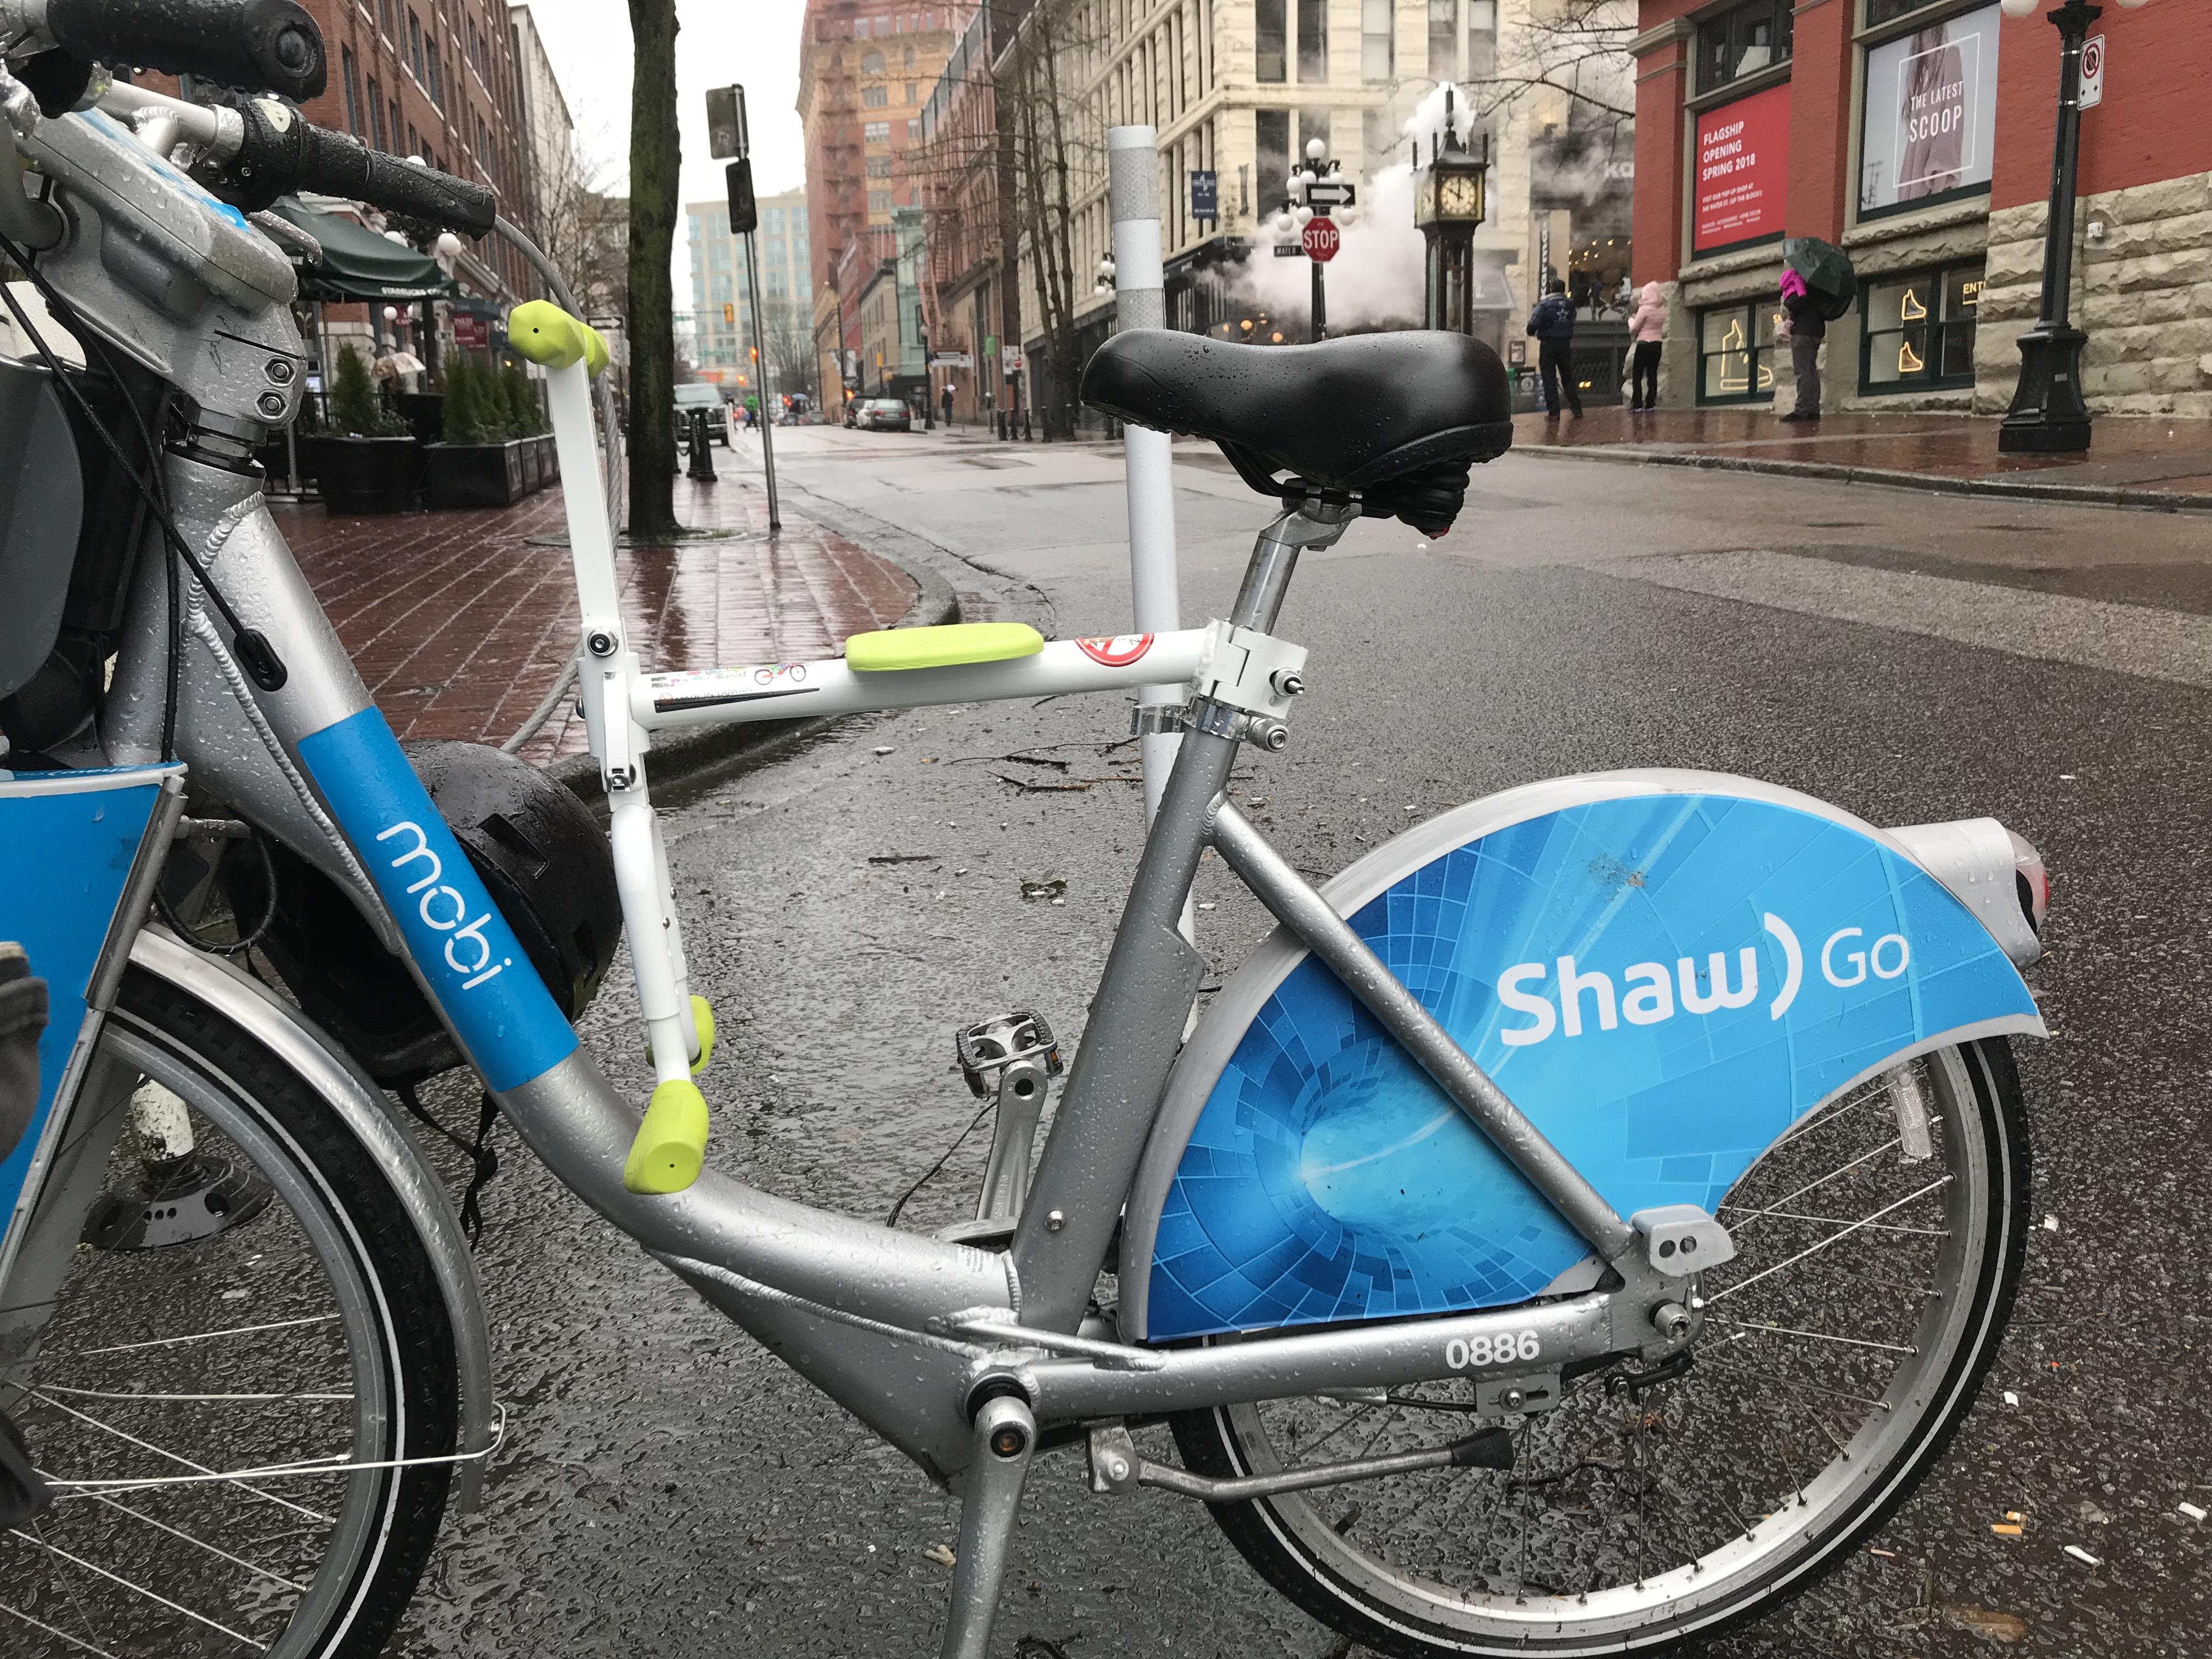 趴趴坐腳踏車兒童坐椅在溫哥華